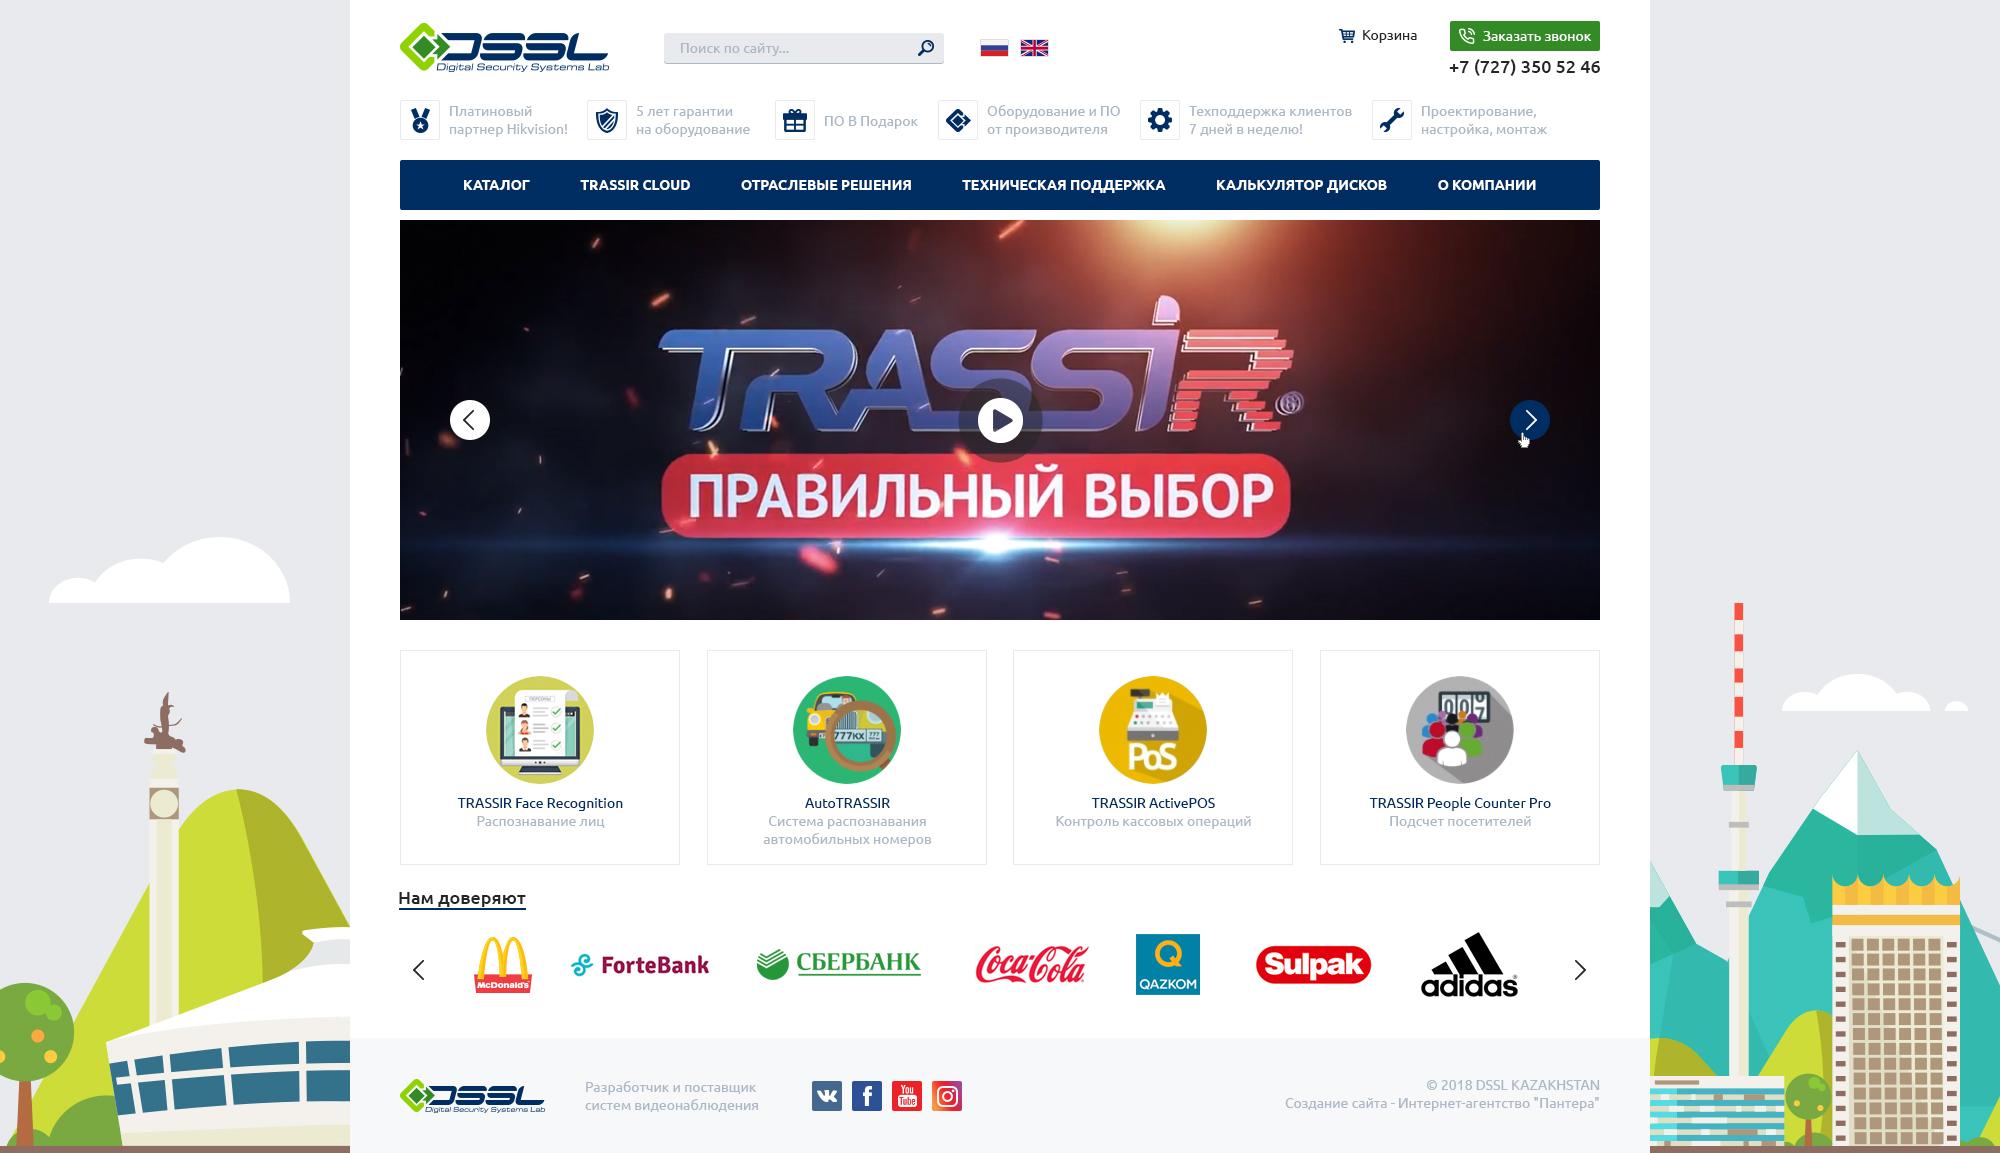 Казахстан создание сайта сибирская сервисная компания официальный сайт новокузнецк